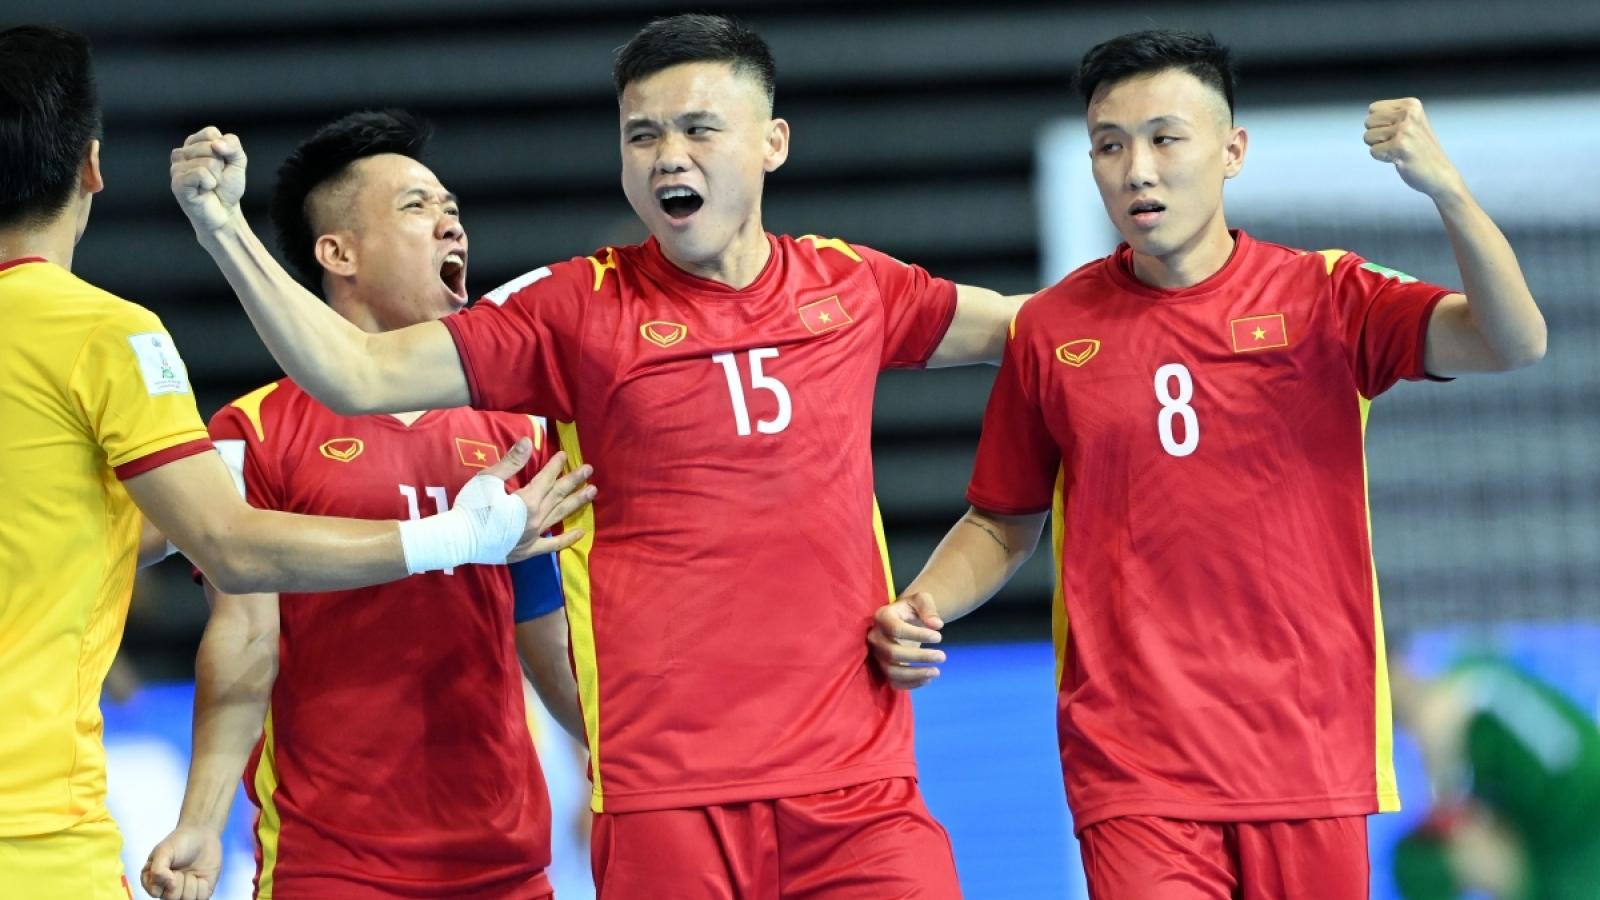 Giành vé đi tiếp ở World Cup, ĐT Futsal Việt Nam được thưởng 1 tỷ đồng